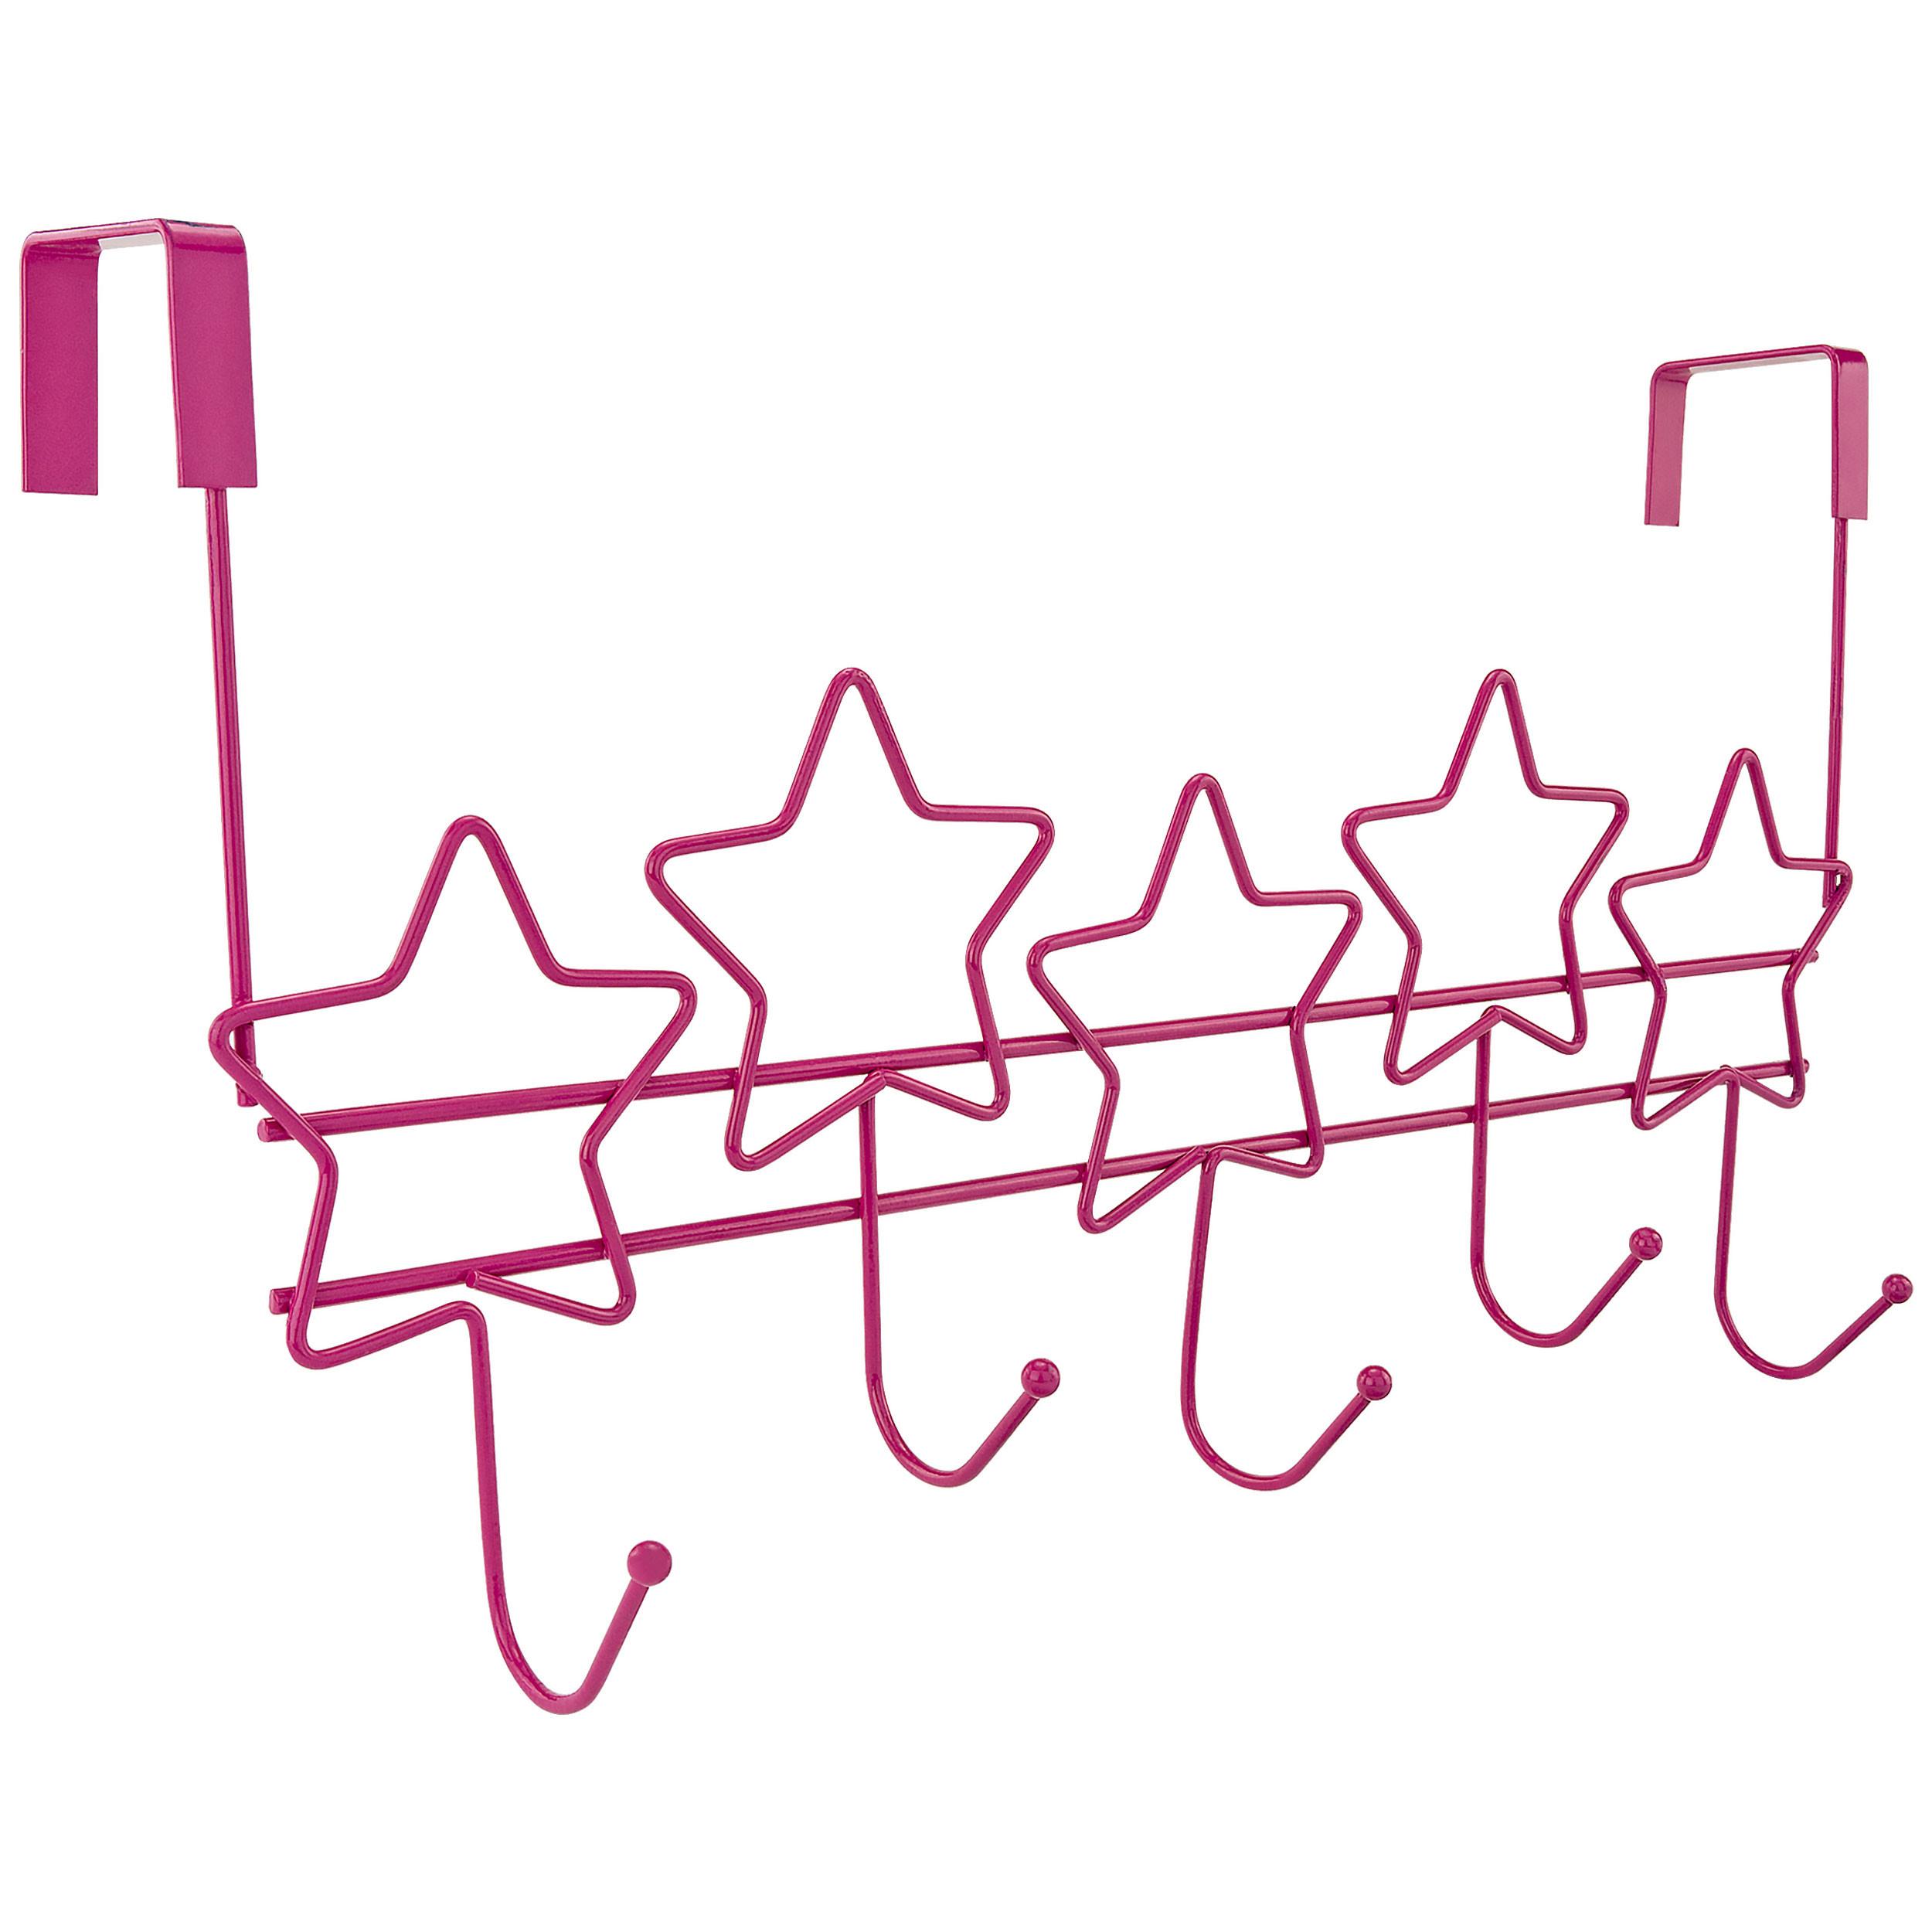 Over The Door 5 Hanger Hooks Storage Organizer Rack, Pink Stars